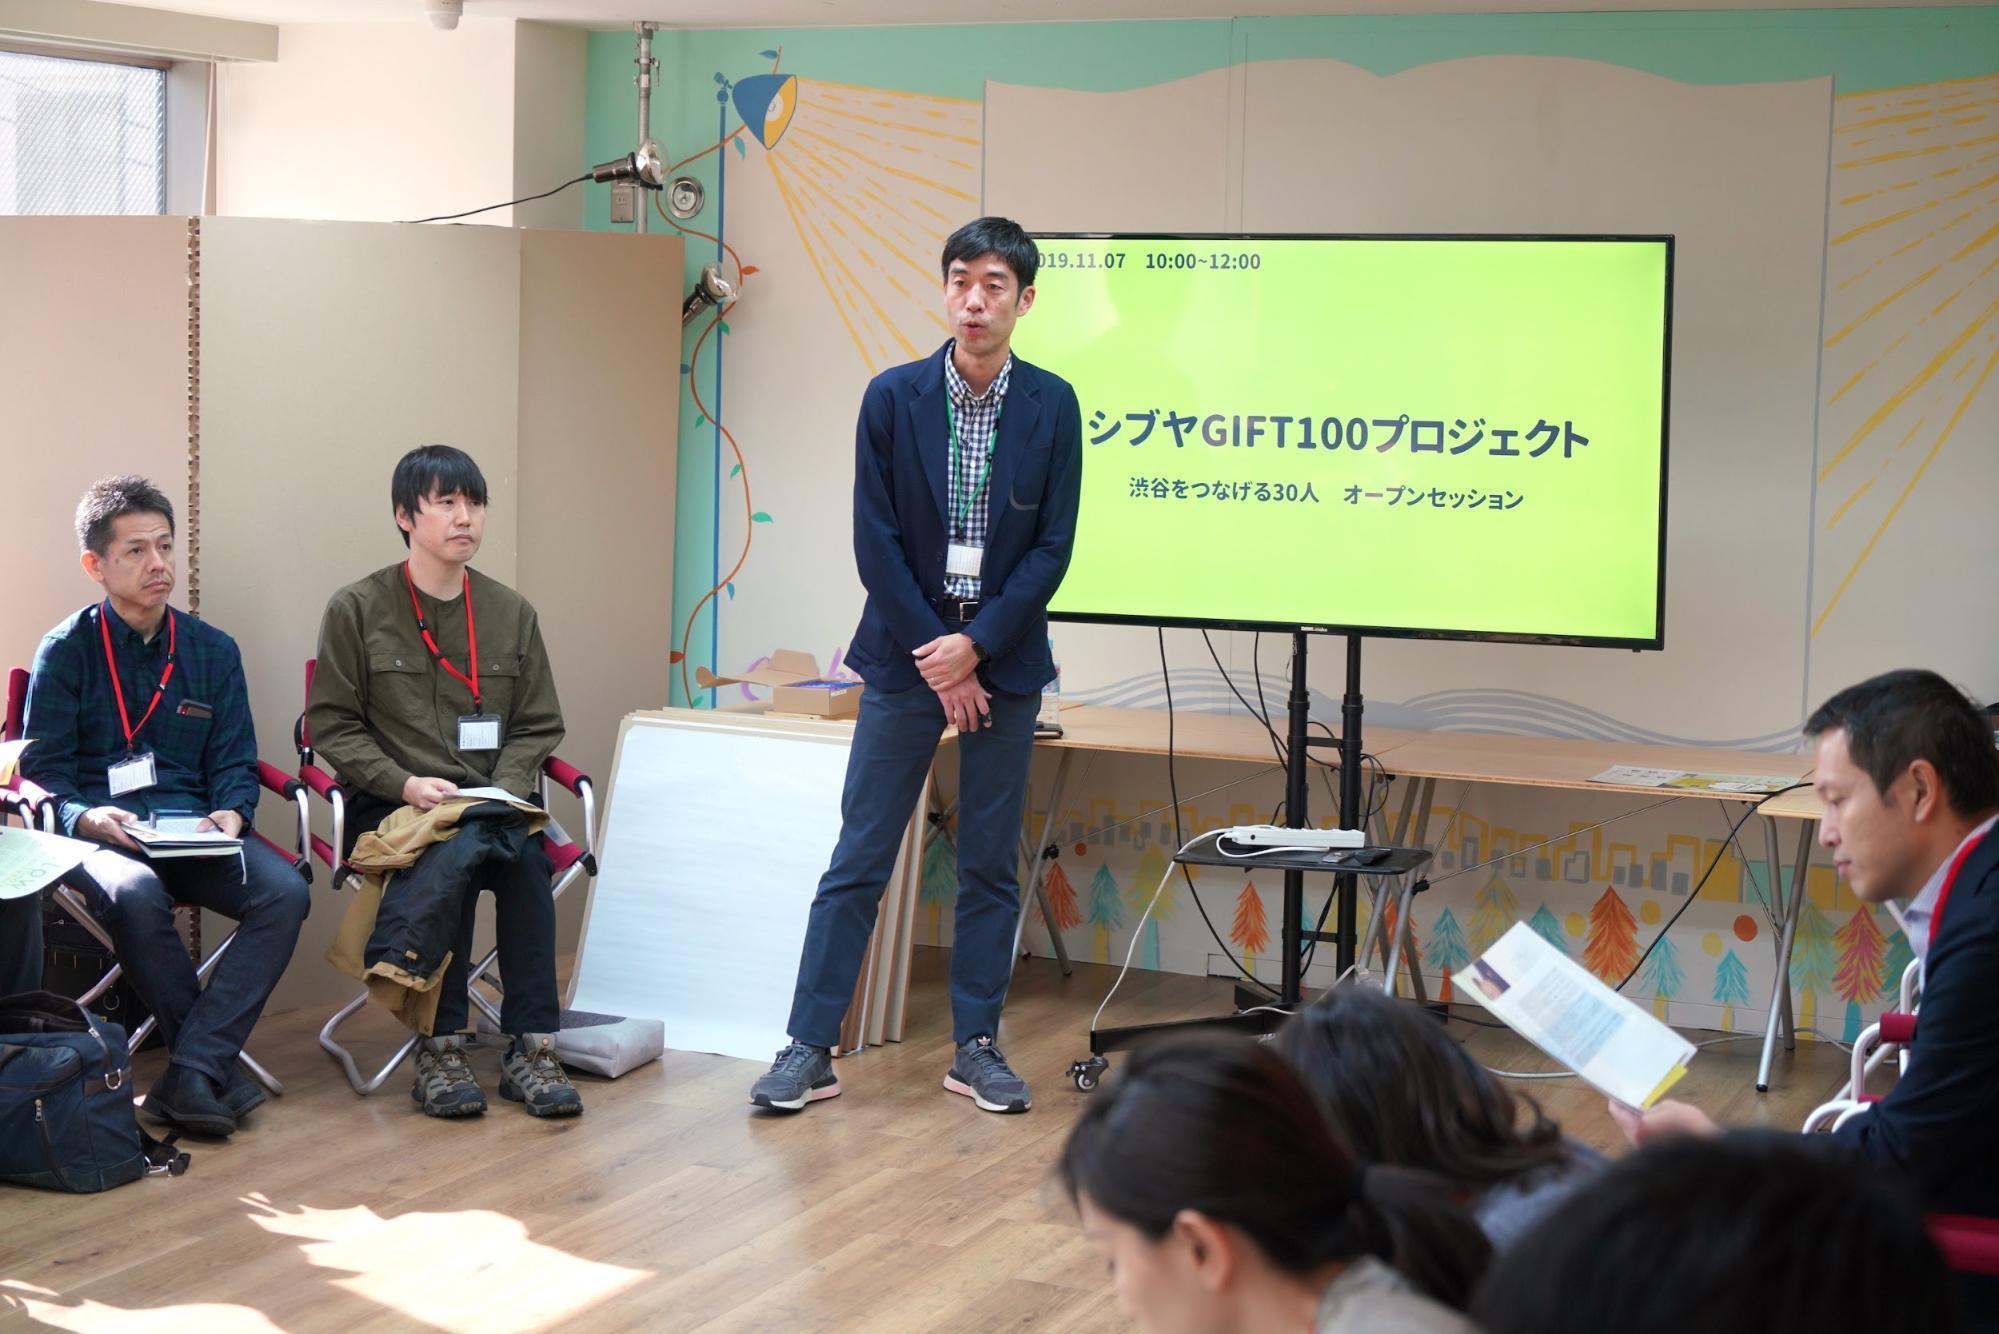 「渋谷をつなげる30人」 (2019/11/7)オープンセッションレポート〜 〜人財バンクチーム編〜